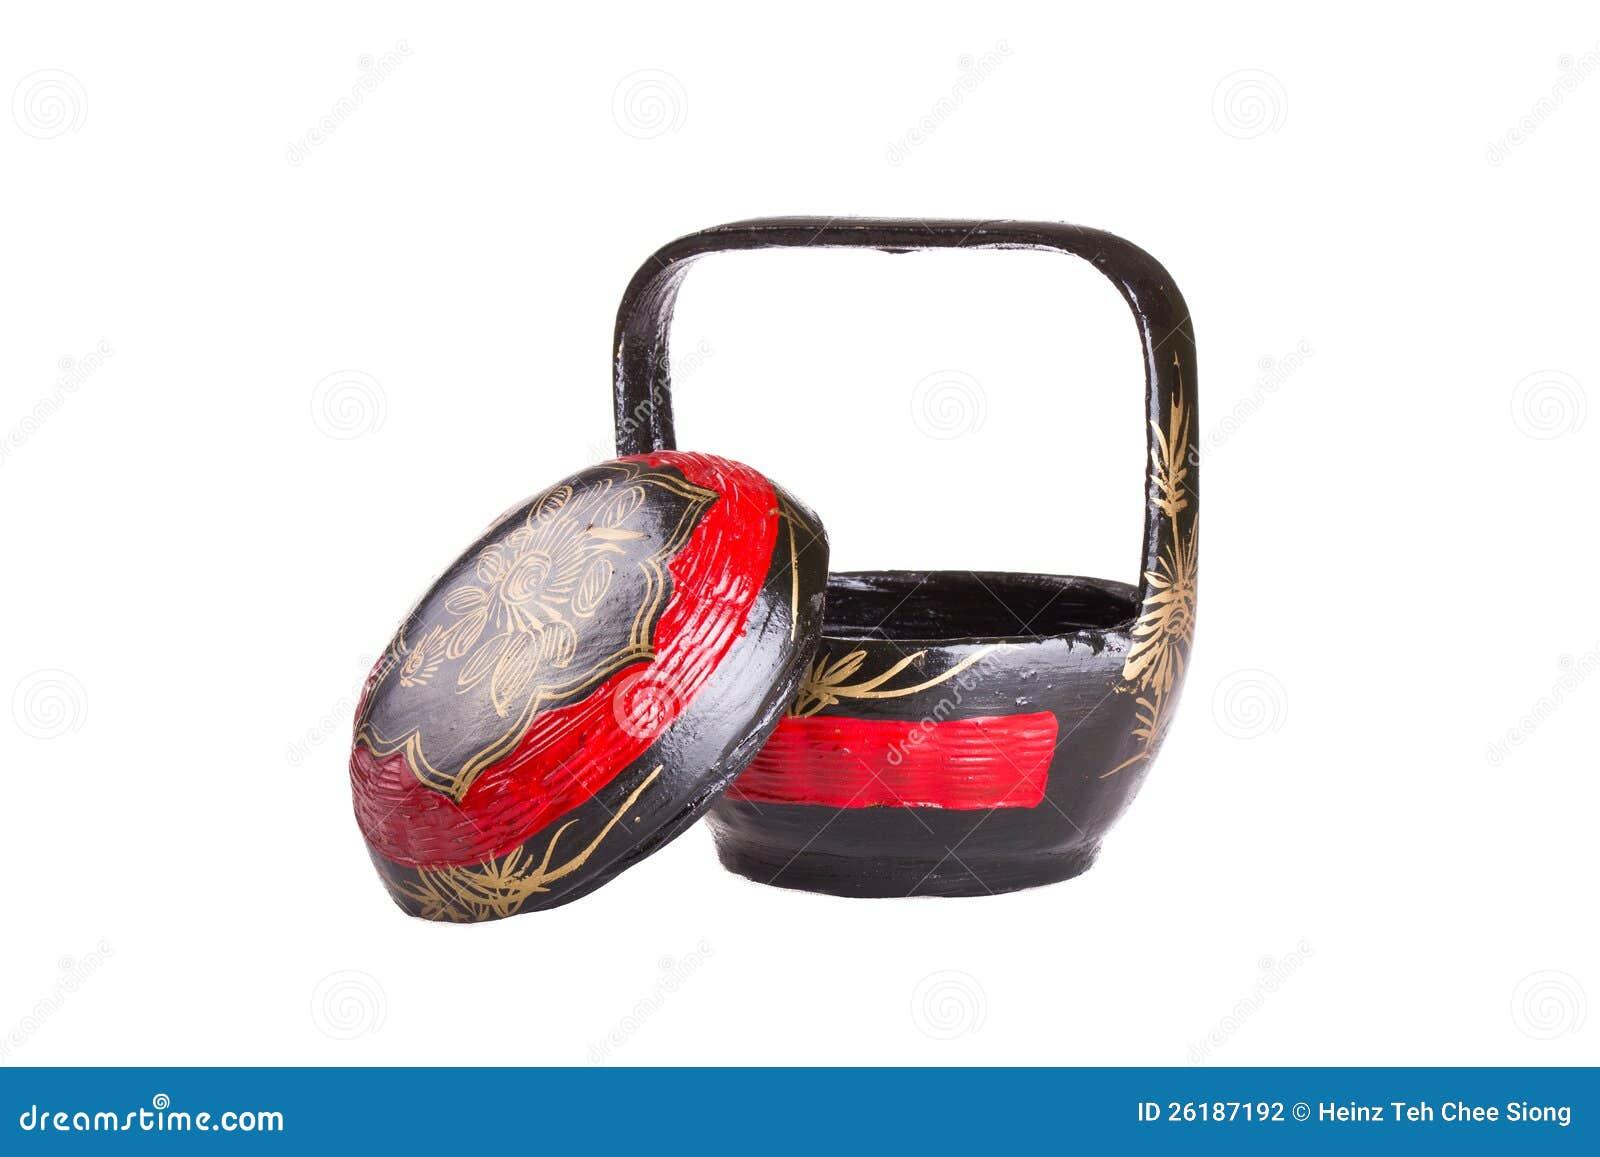 Chinese wedding gift basket stock photography image 26187192